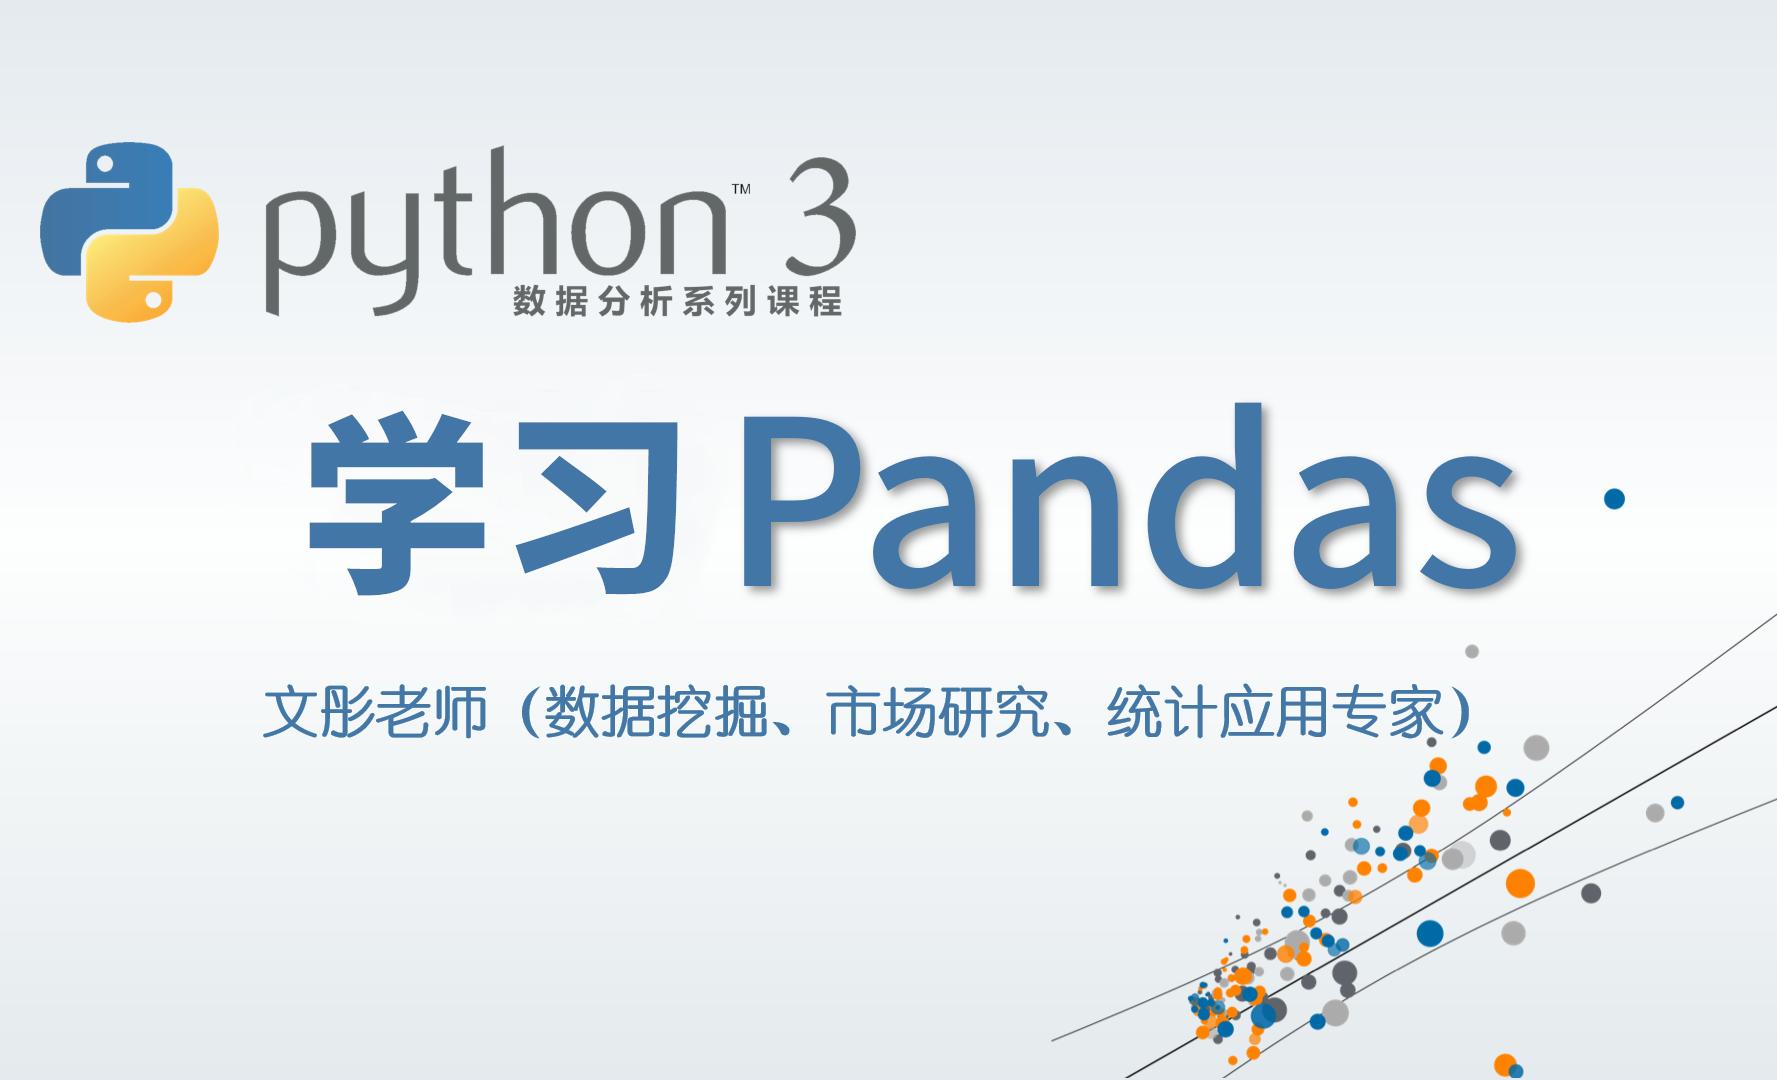 Python 3 数据分析与挖掘系列课程完整版